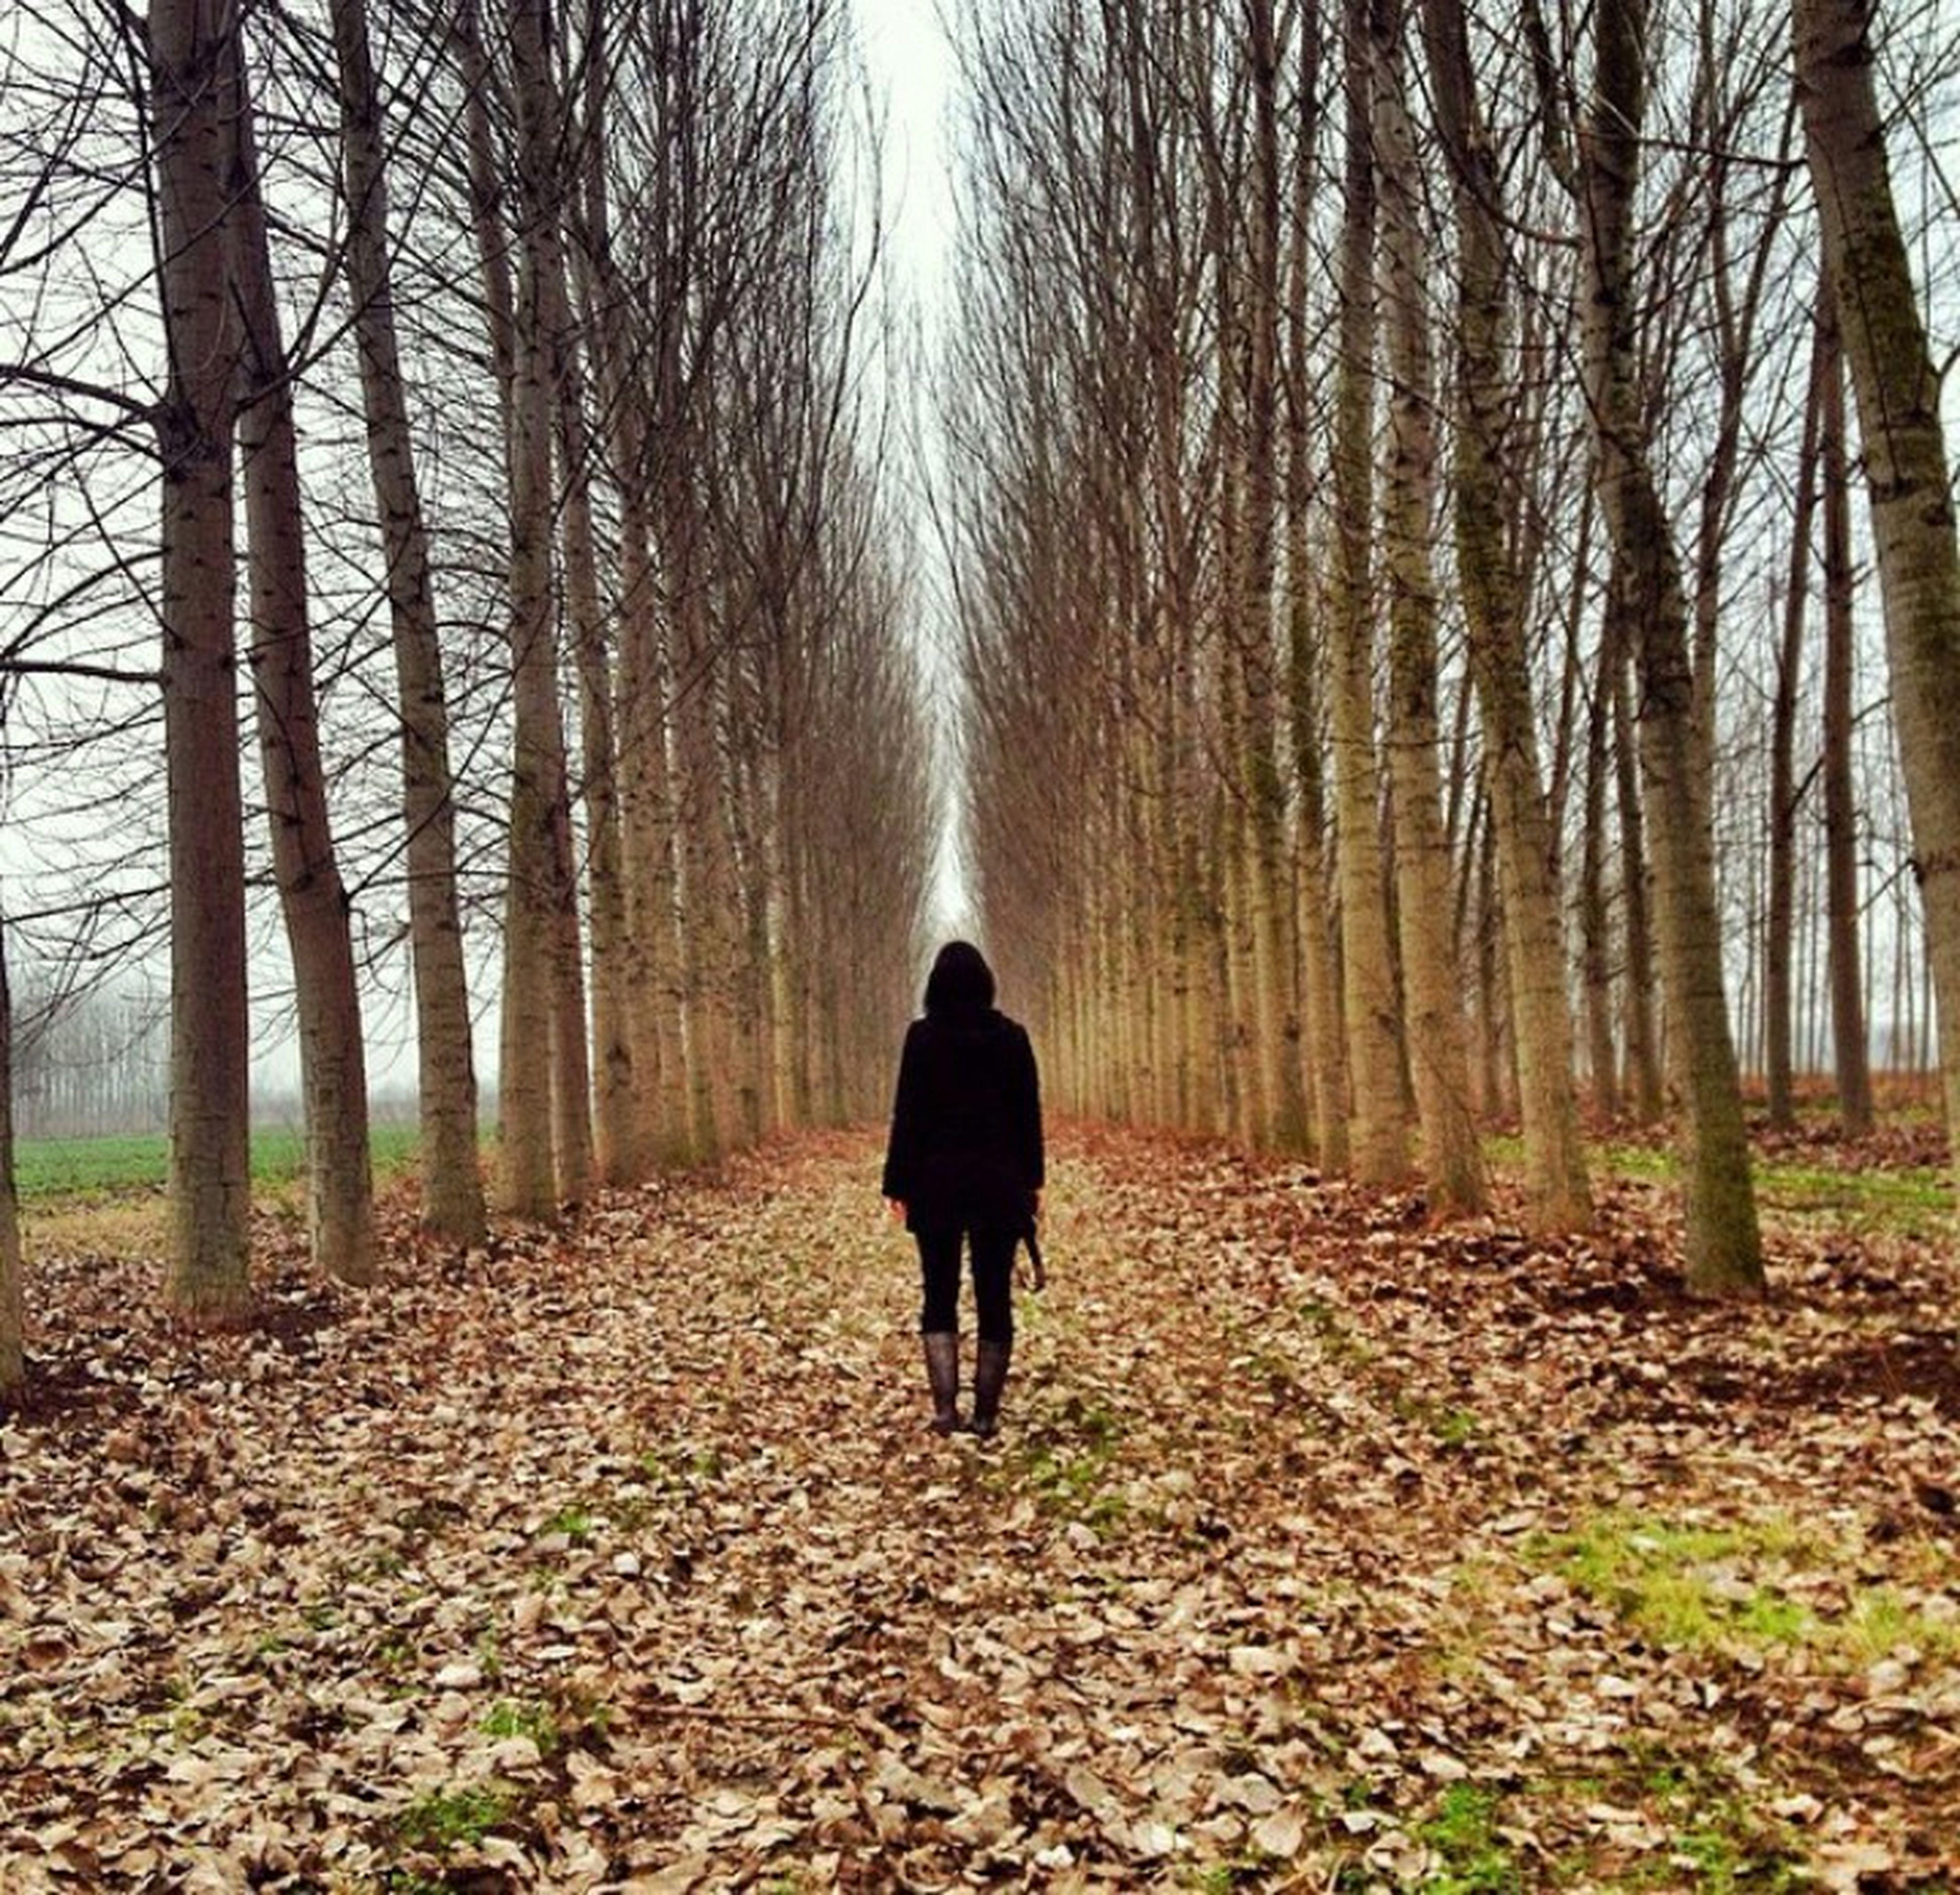 Mersin Elvanlı Orman Yürüyüş Huzur Doğalyaşam Photography AĞA